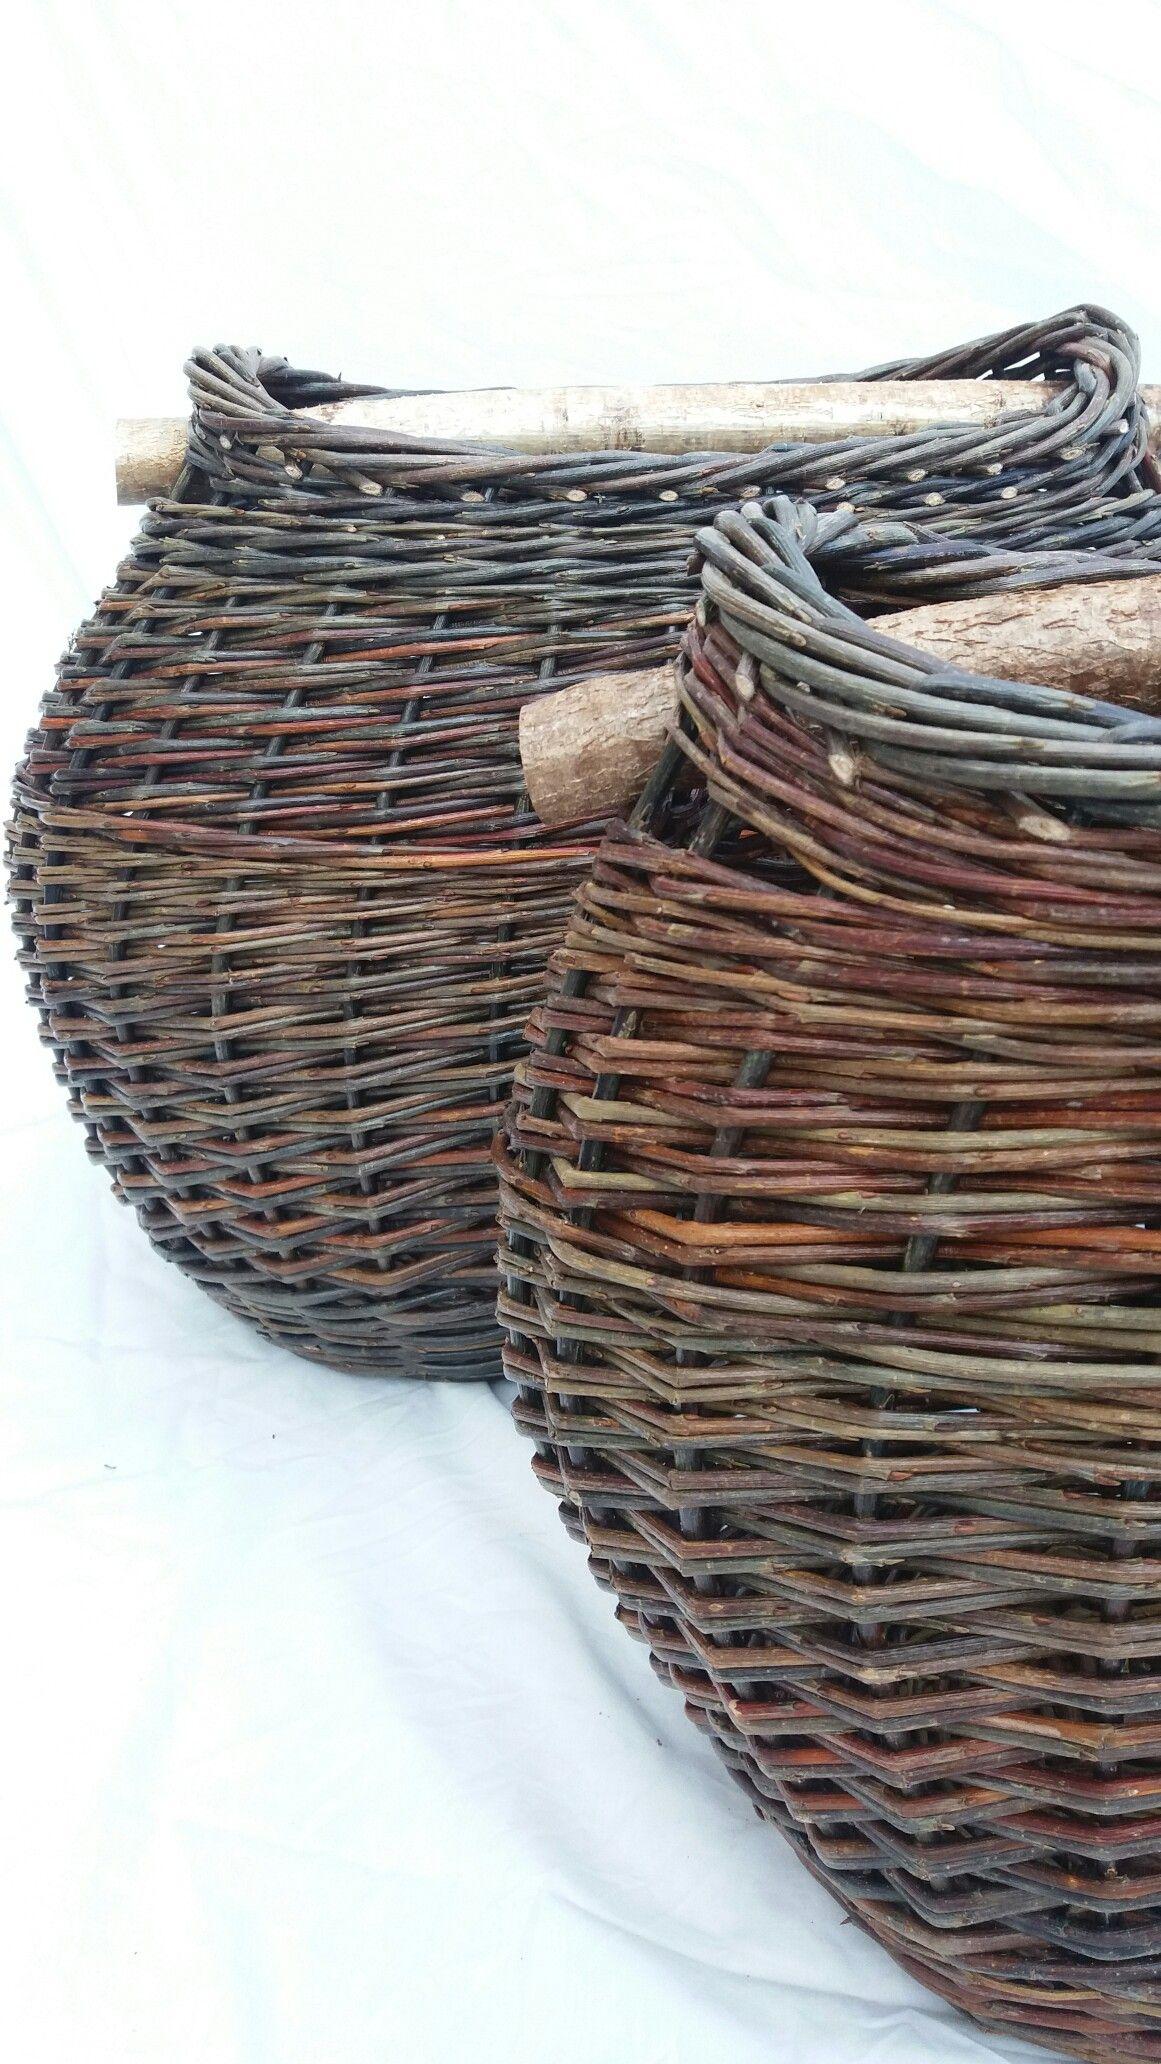 Oval Baskets With Hazel Handles By Sue Kirk Basket Wicker